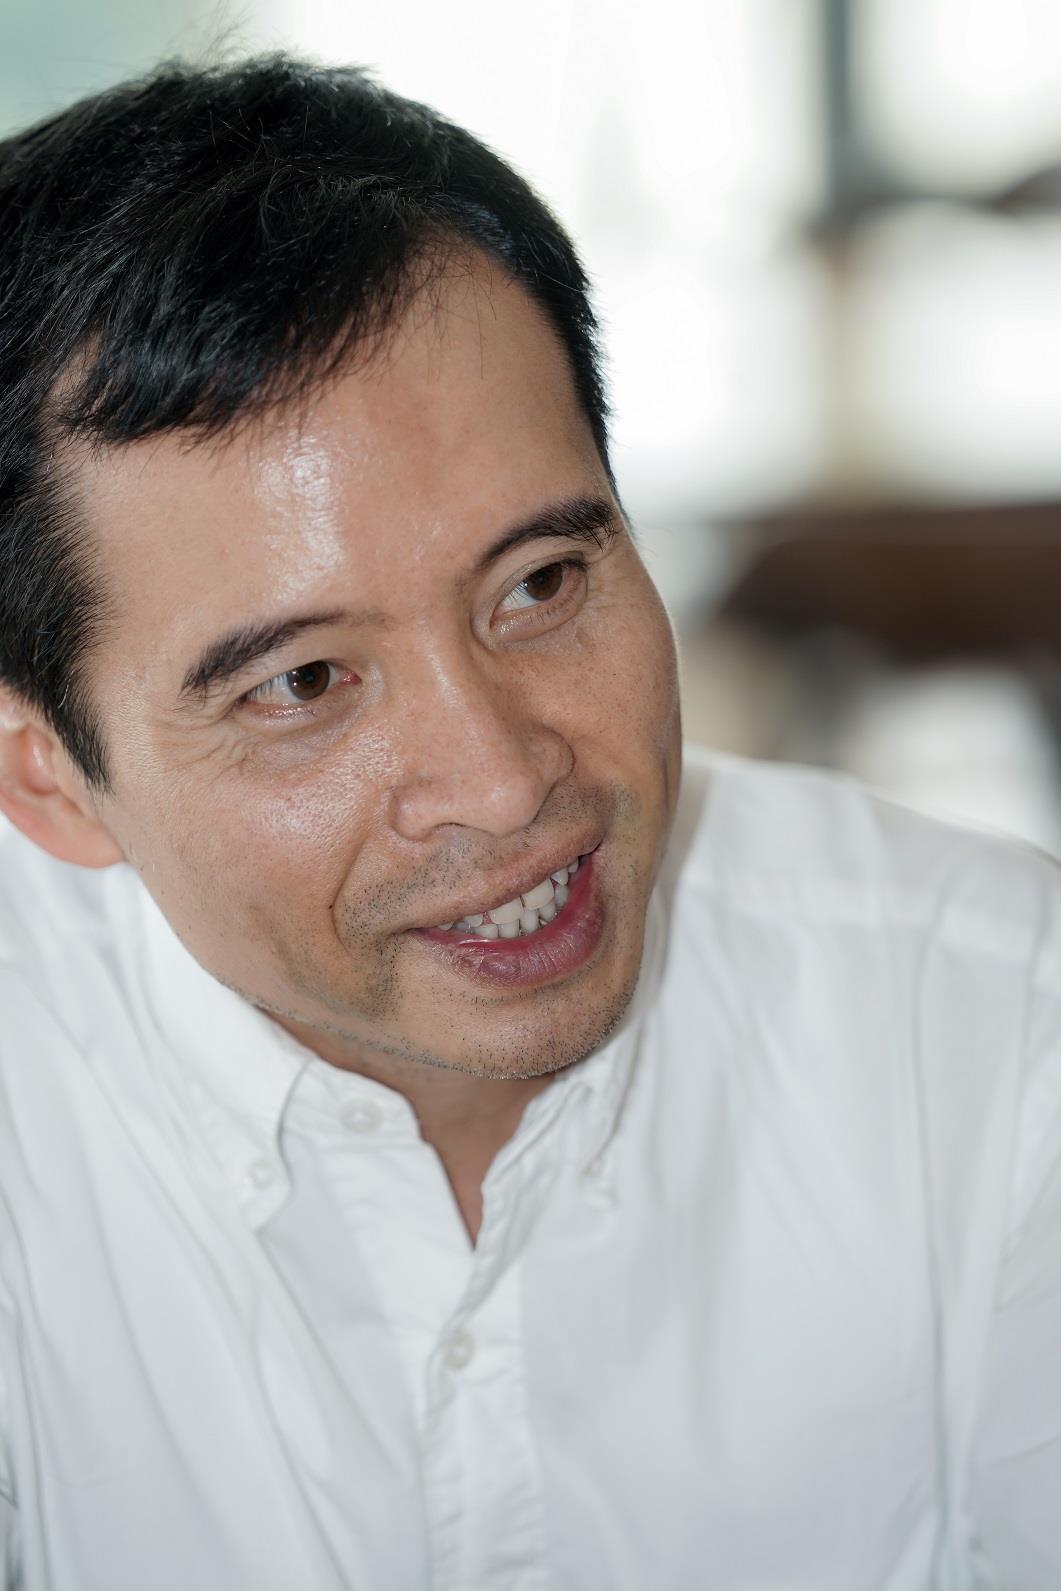 Vien truong VinAI Research: 'Chung toi huong den dinh cao the gioi' hinh anh 6